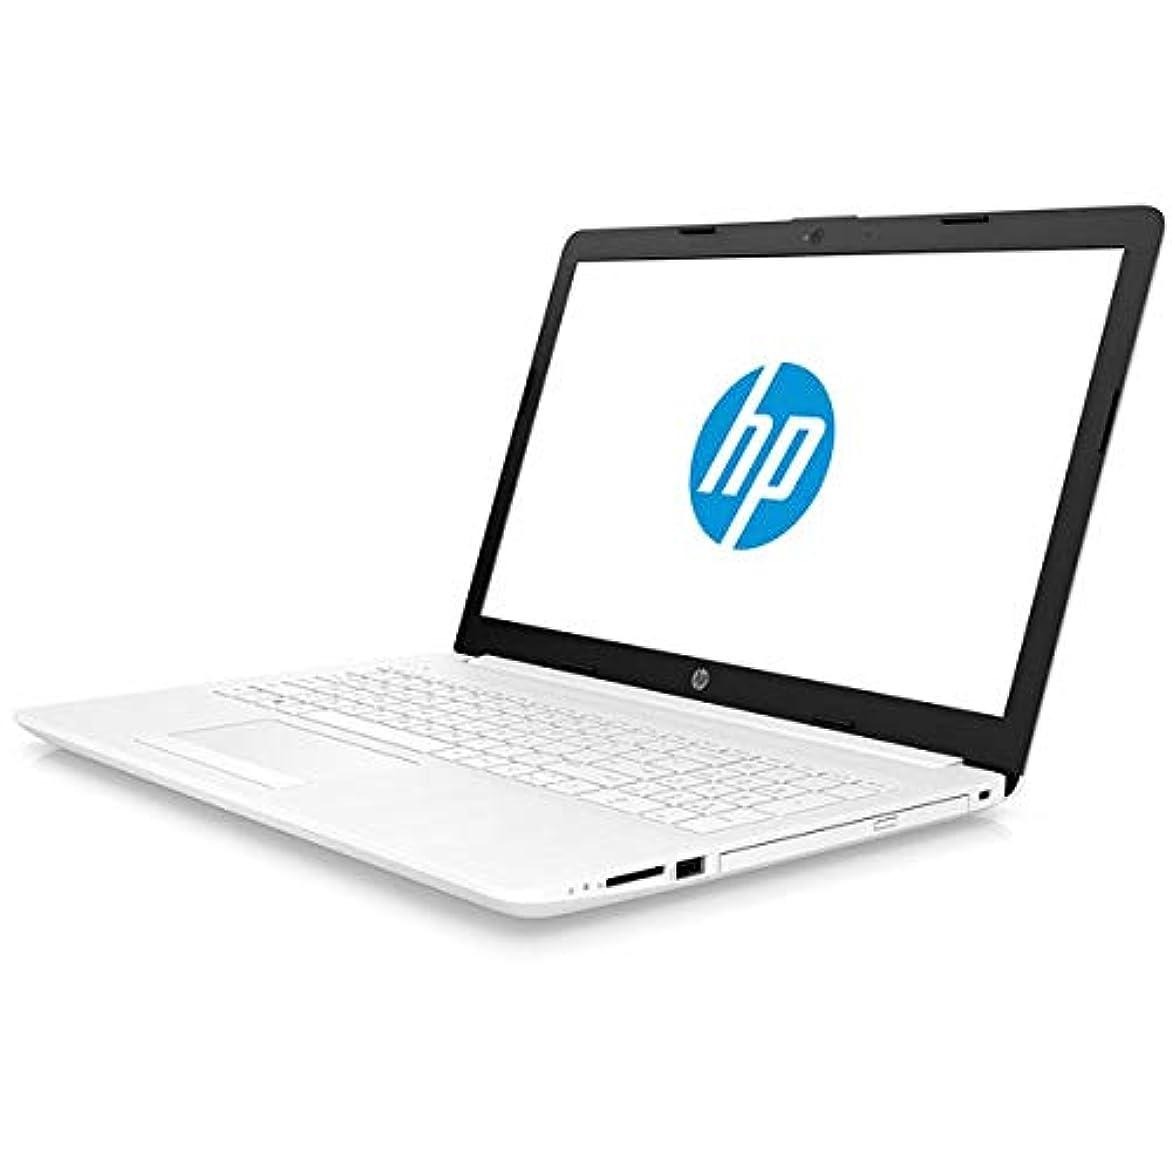 出します瞑想的ツインhp (ヒューレットパッカード) ノートPC HP 15-db G1モデル 6MD99PA-AAAA ピュアホワイト [Ryzen 3?15.6インチ?Office付き?SSD 128GB?メモリ 4GB]